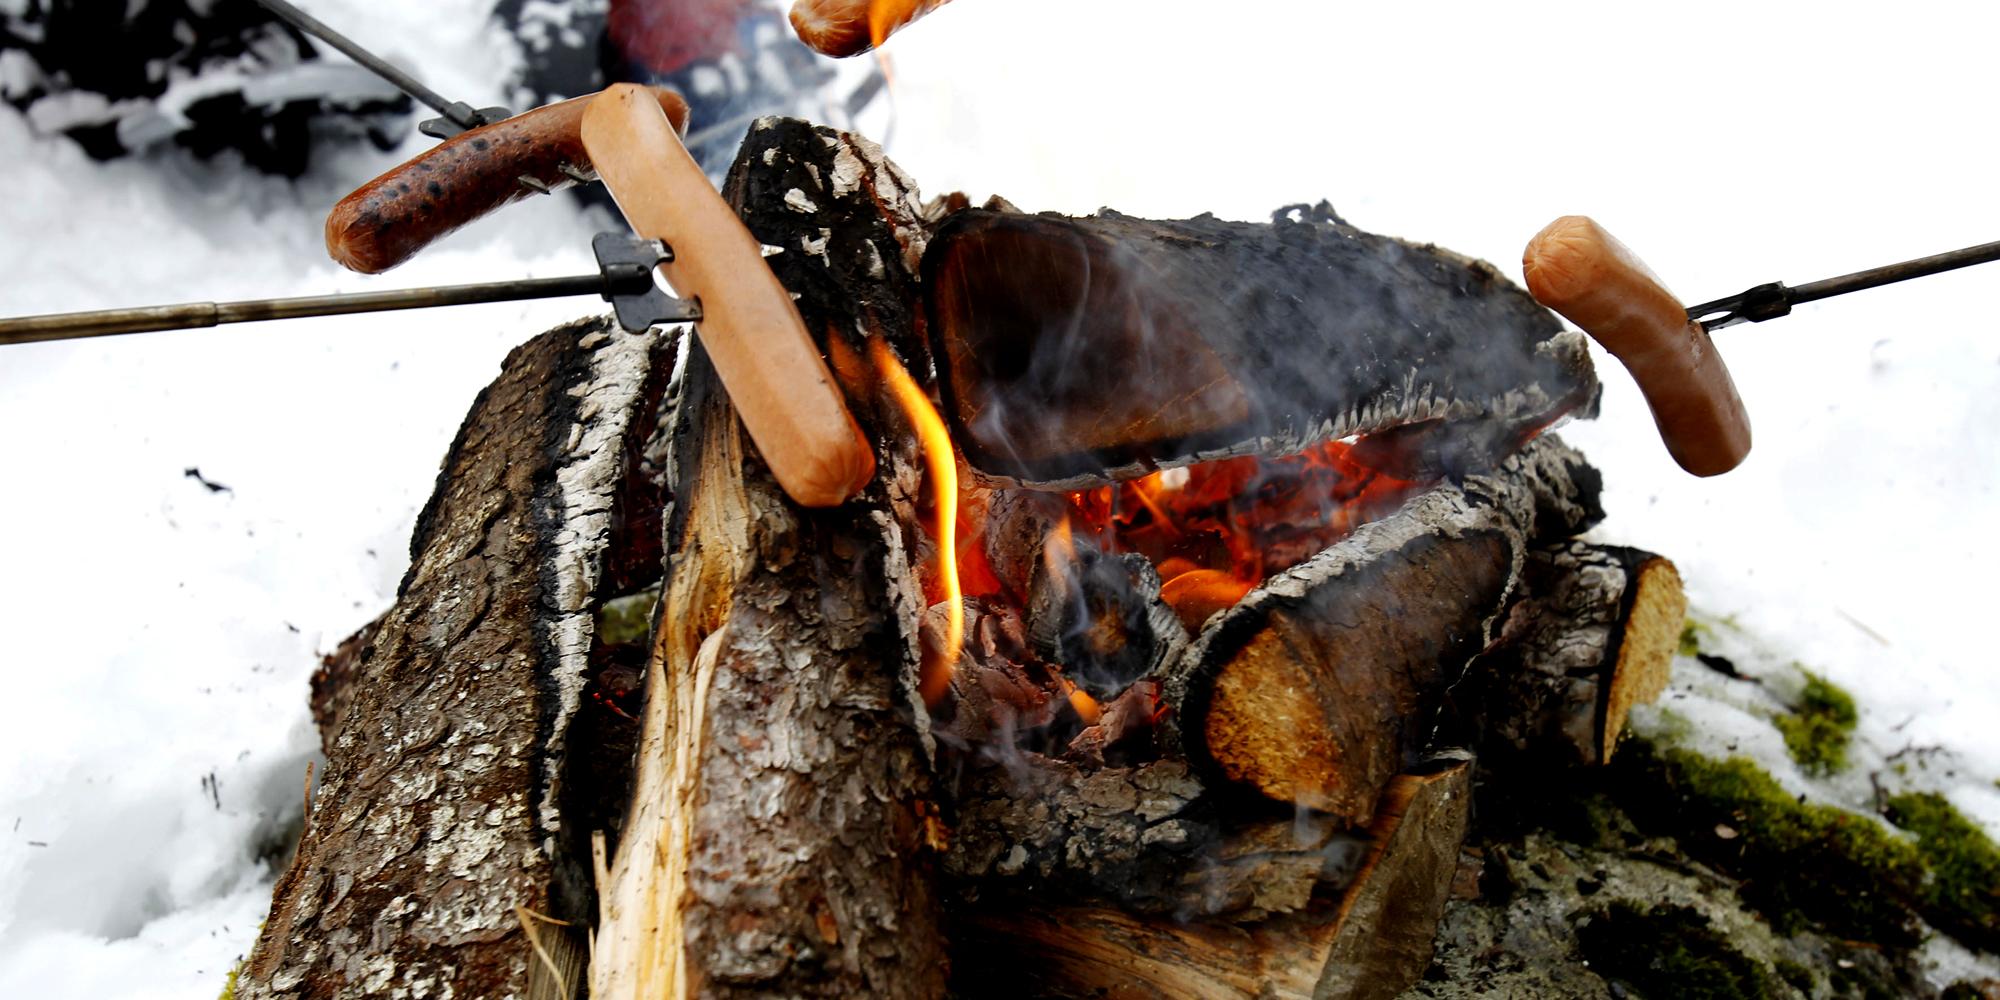 Mokk gård - pølsegrilling over åpen flamme vinterstid. Copyright: Mokk gård